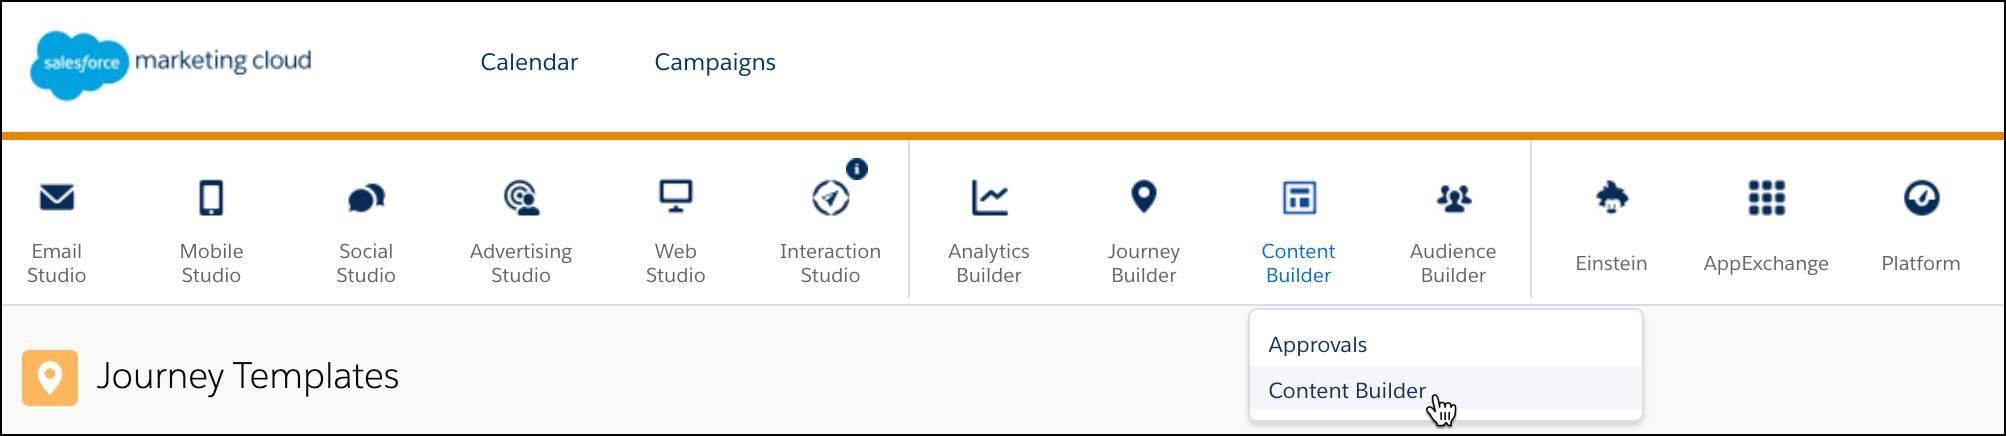 Marketing Cloud navigation menu.